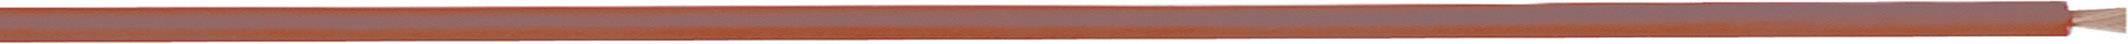 Flexibilní lanko LappKabel LiFY, 1x0.75 mm², 4 mm, červená